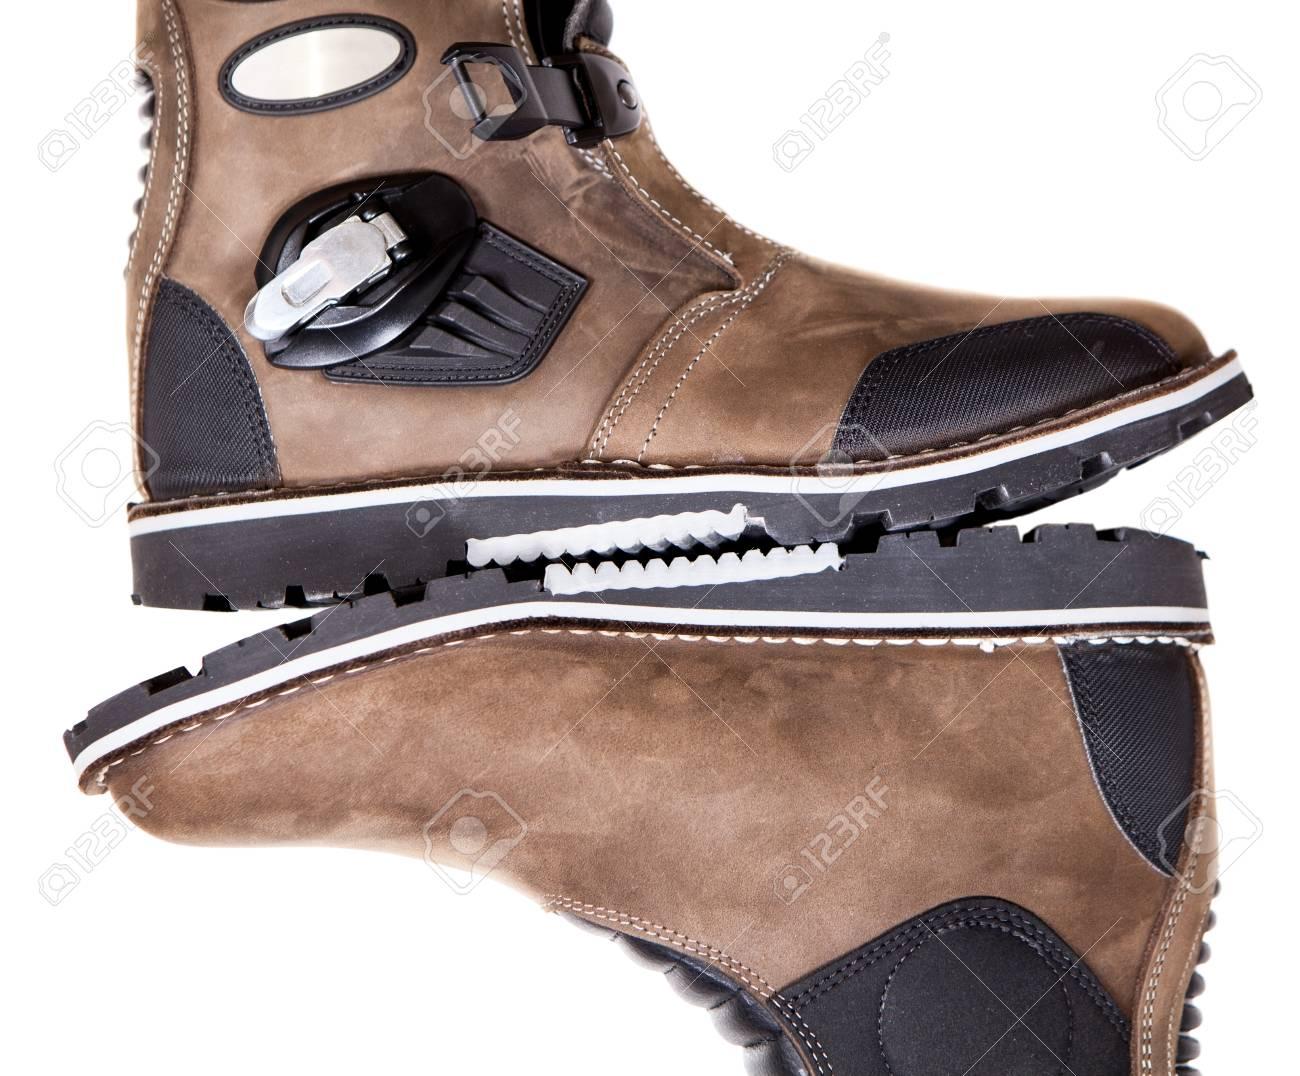 Alte Braune Stiefel Lokalisiert Stockfoto Bild von